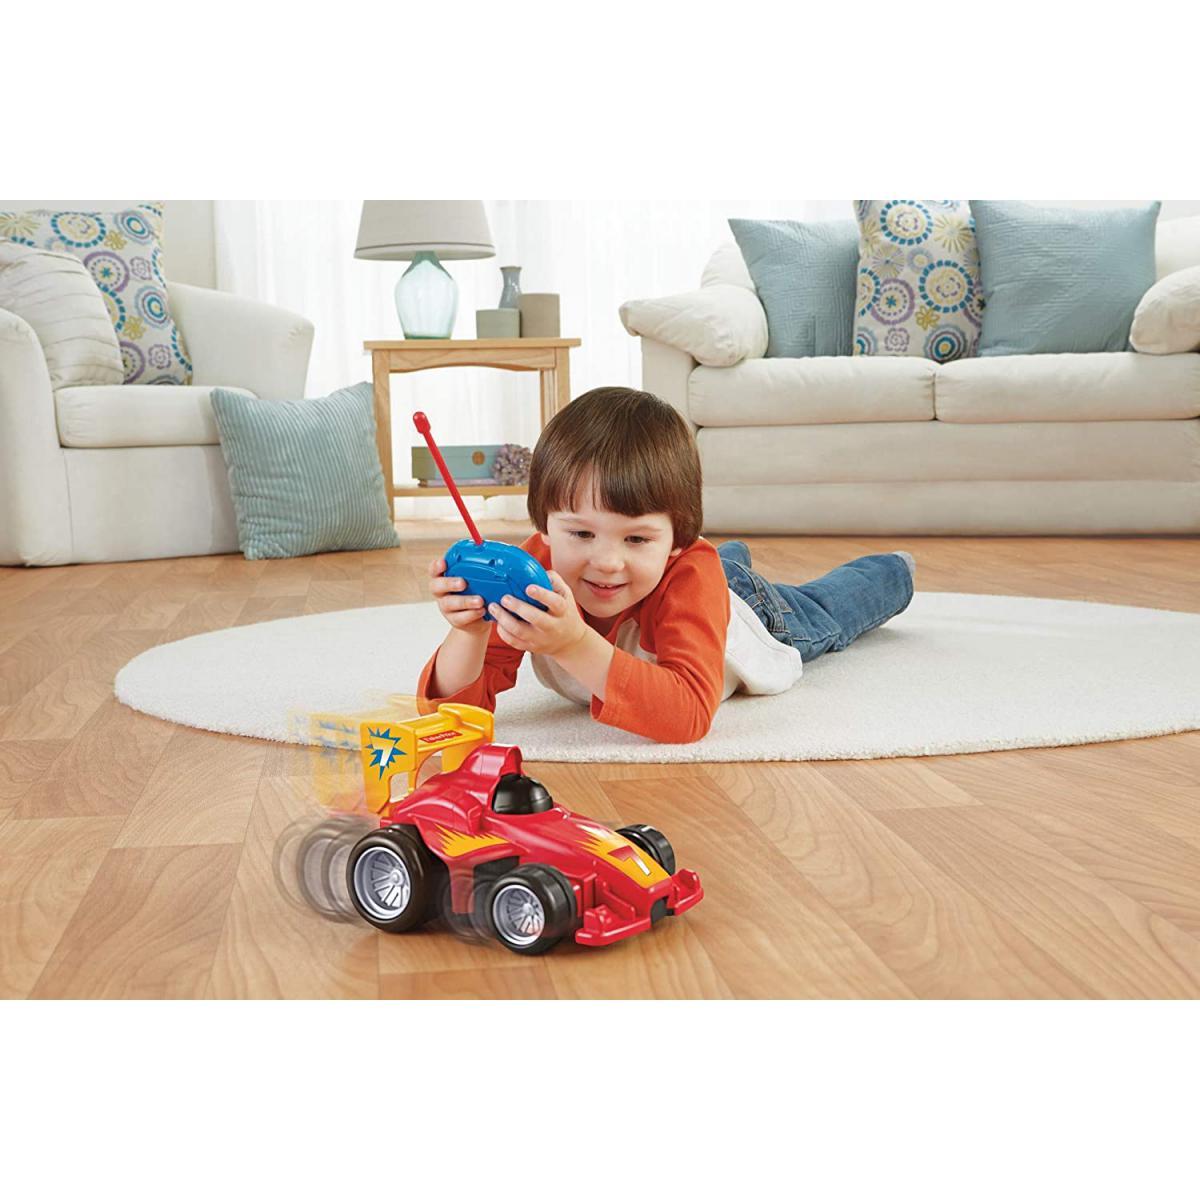 Fisher Price mon Premier Bolide voiture Télécommandé avec 2 vitesses pour enfants de 3 à 7 ans